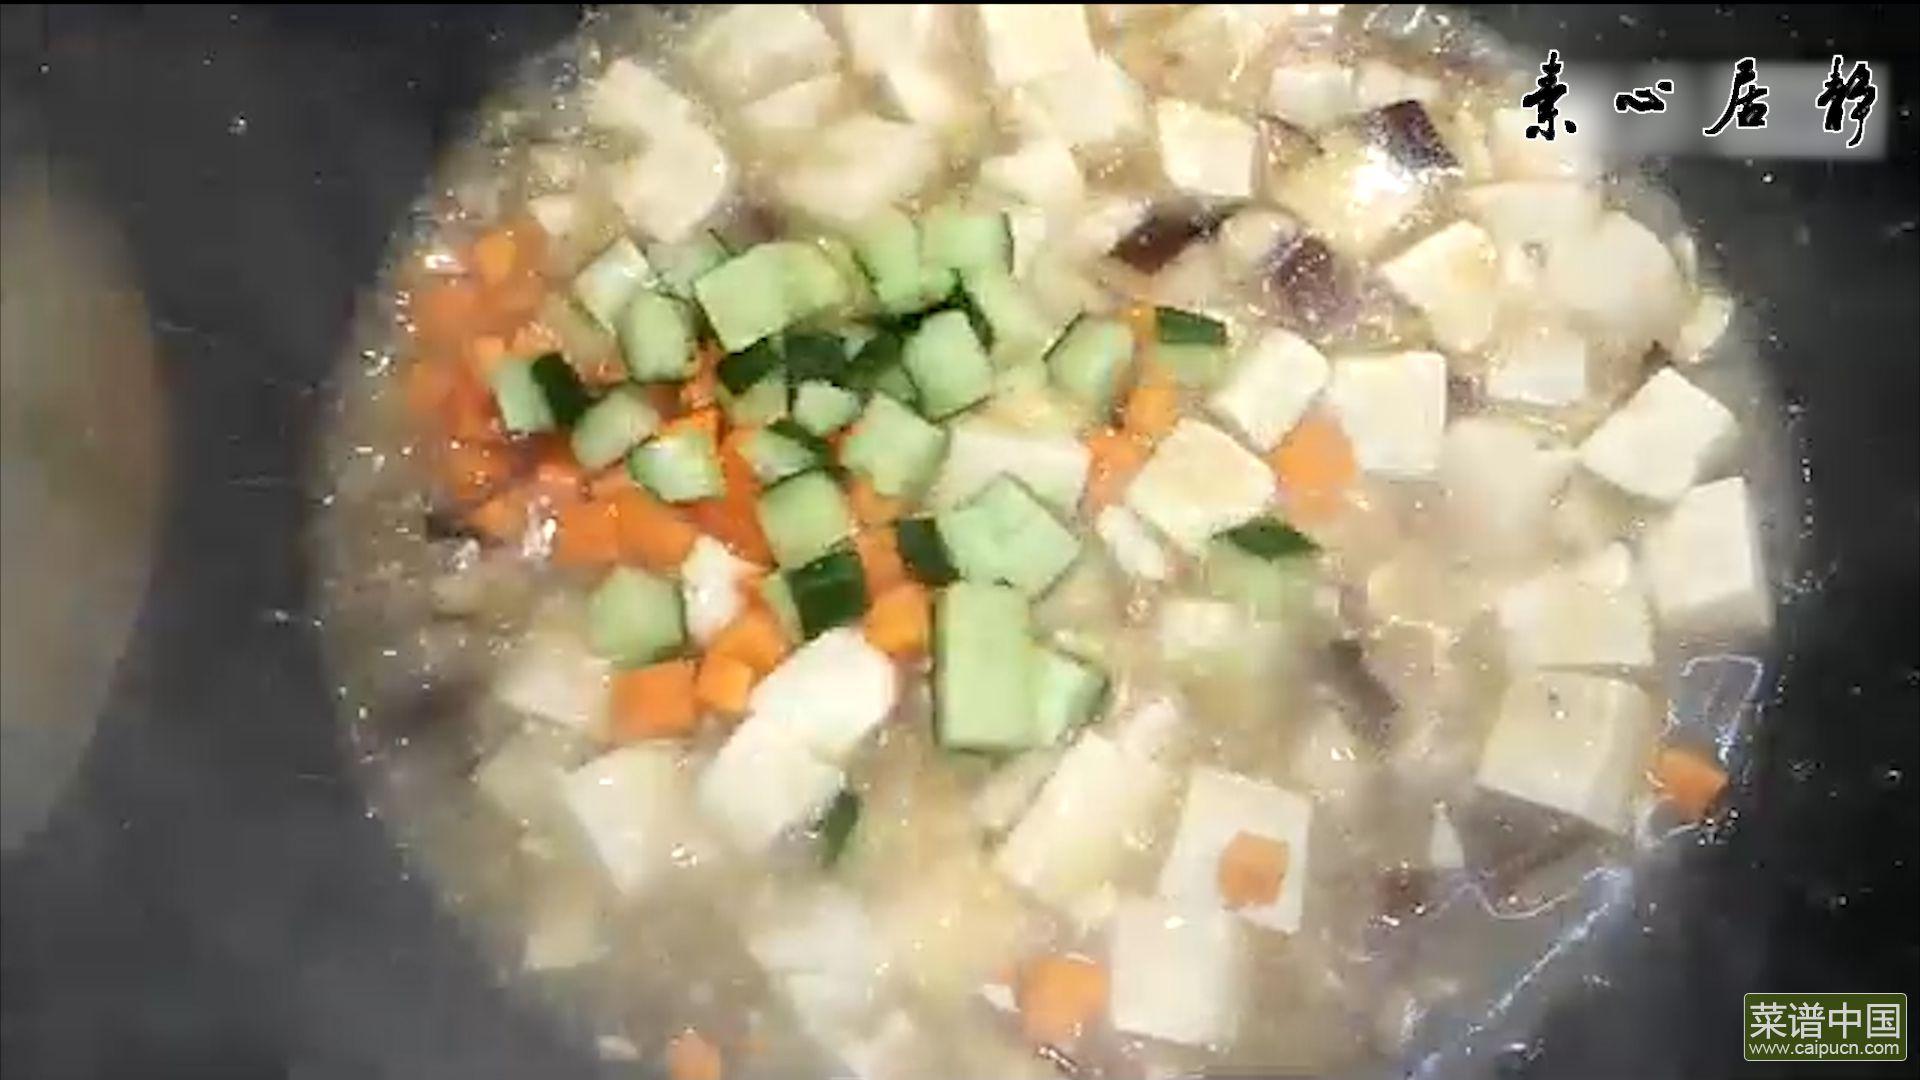 三鲜炖豆腐【素心居静庄青山】的做法步骤15